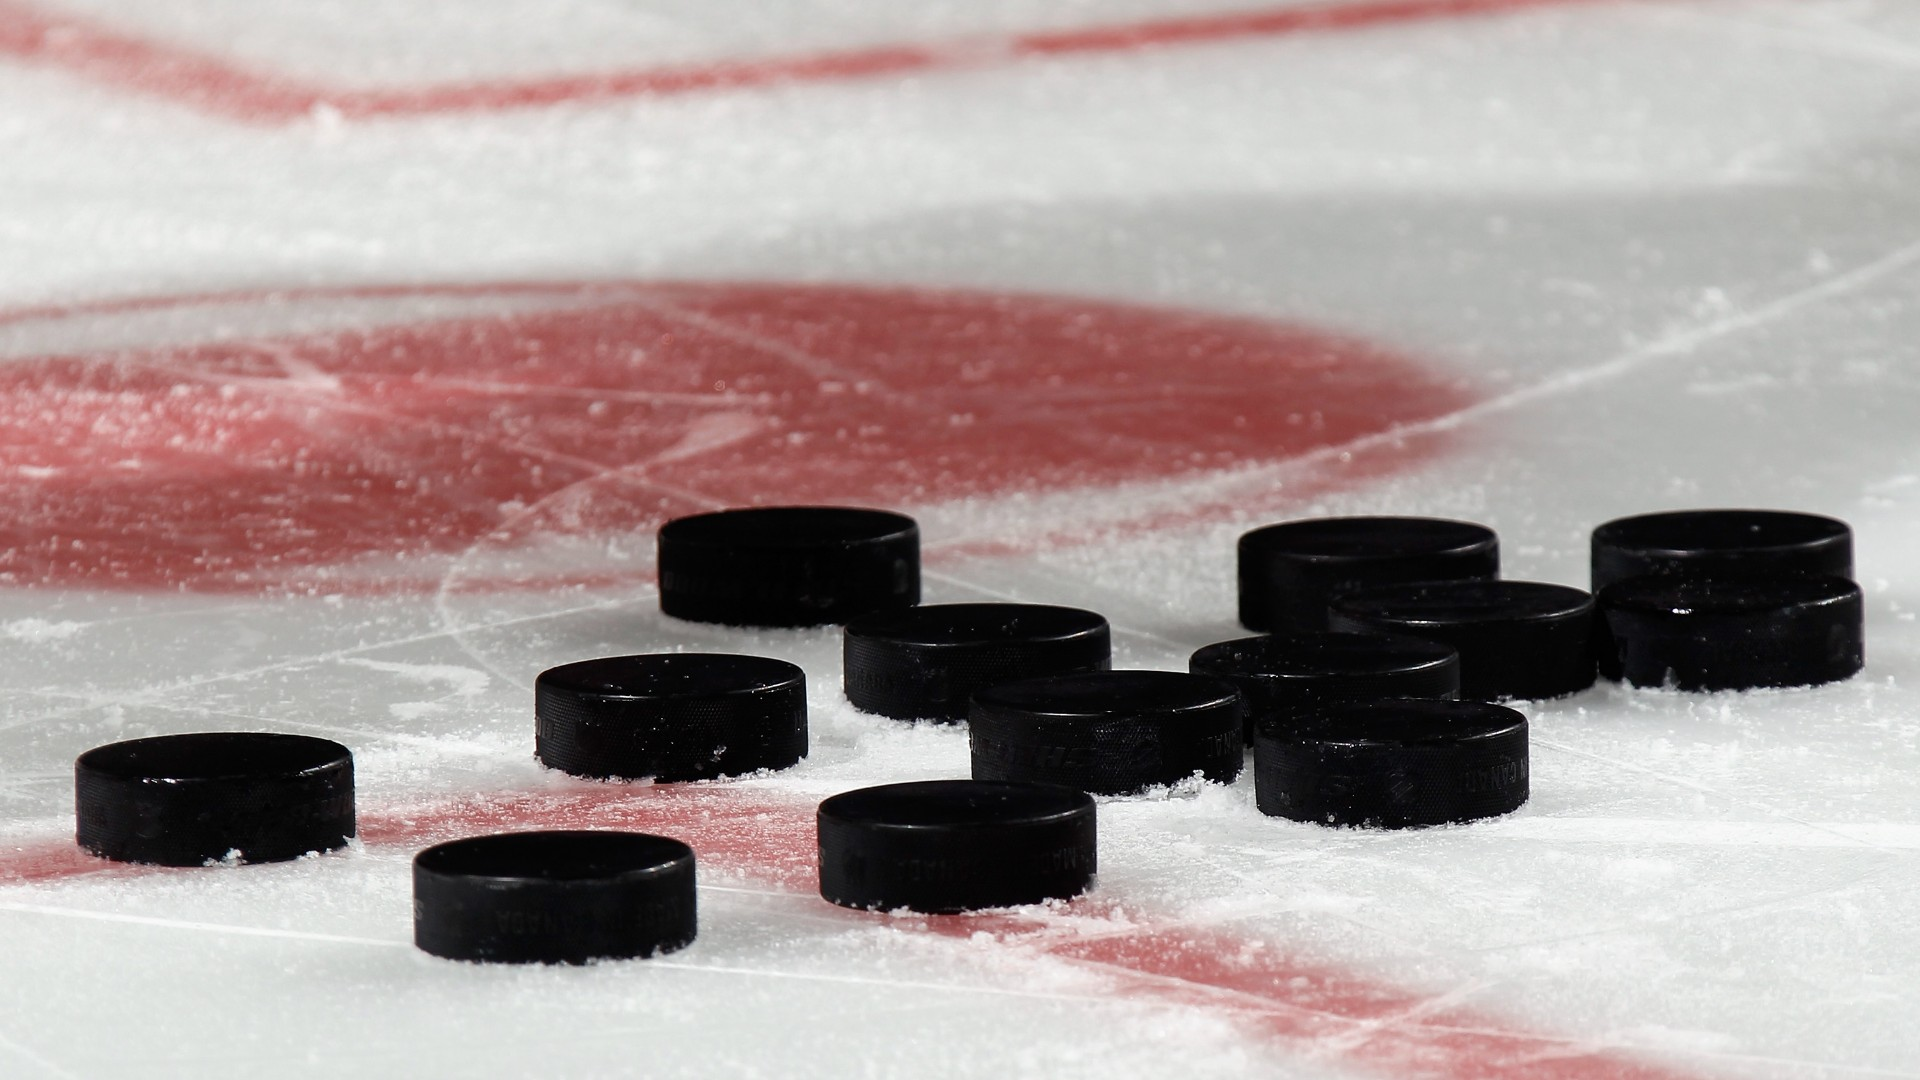 Los malestares gobiernan el día en los campeonatos de hockey de la escuela secundaria de Minnesota 22